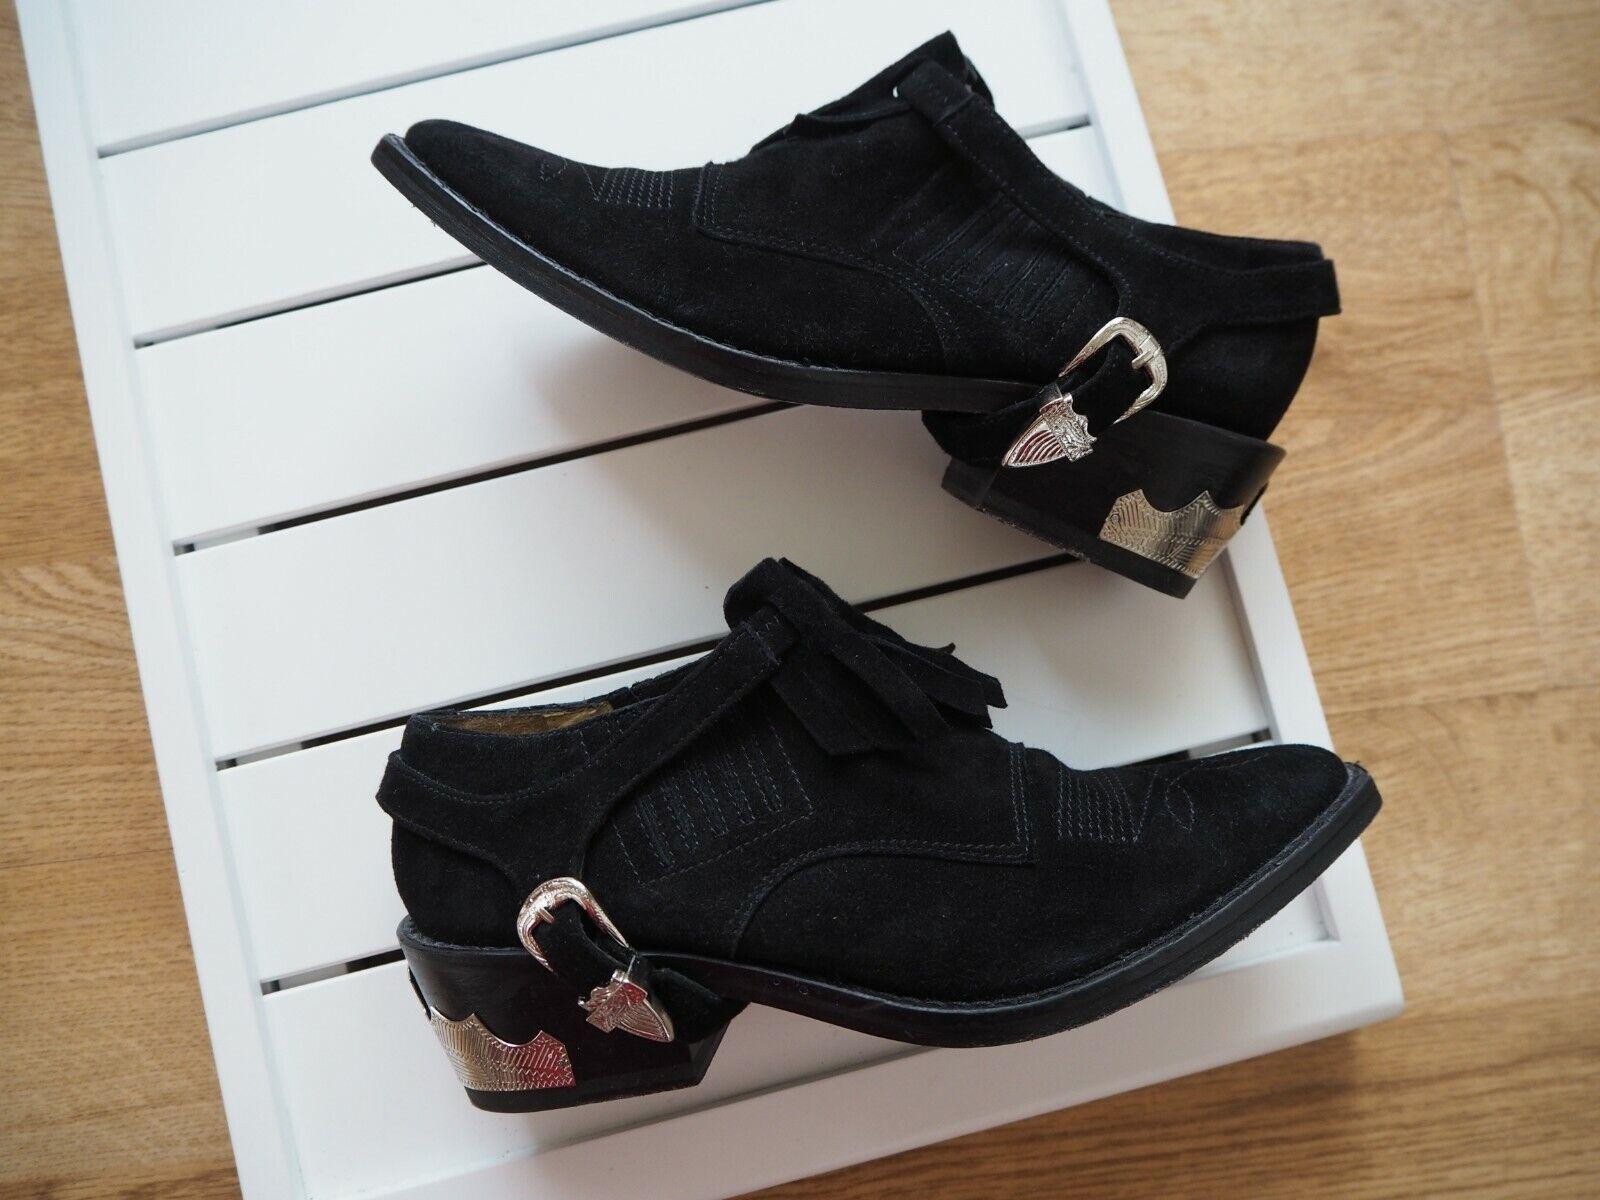 Reino Unido 2 UE UE UE 35 toga pulla Negro botas al Tobillo Zapatos De Gamuza Western Puntiagudo Dedos de los pies 70s  los nuevos estilos calientes